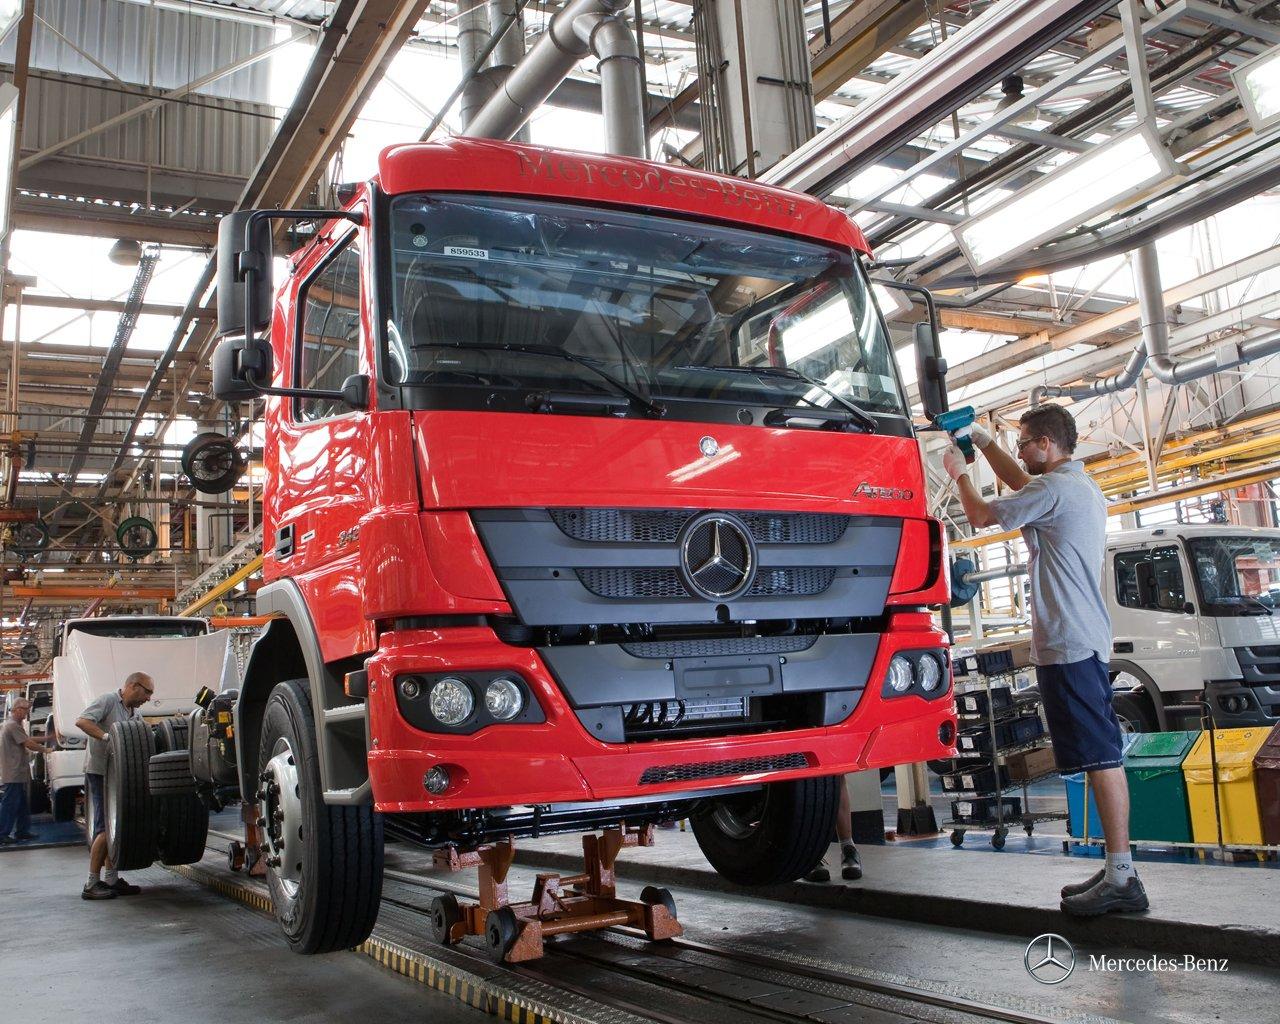 Fábrica de caminhões da Mercedes-Benz